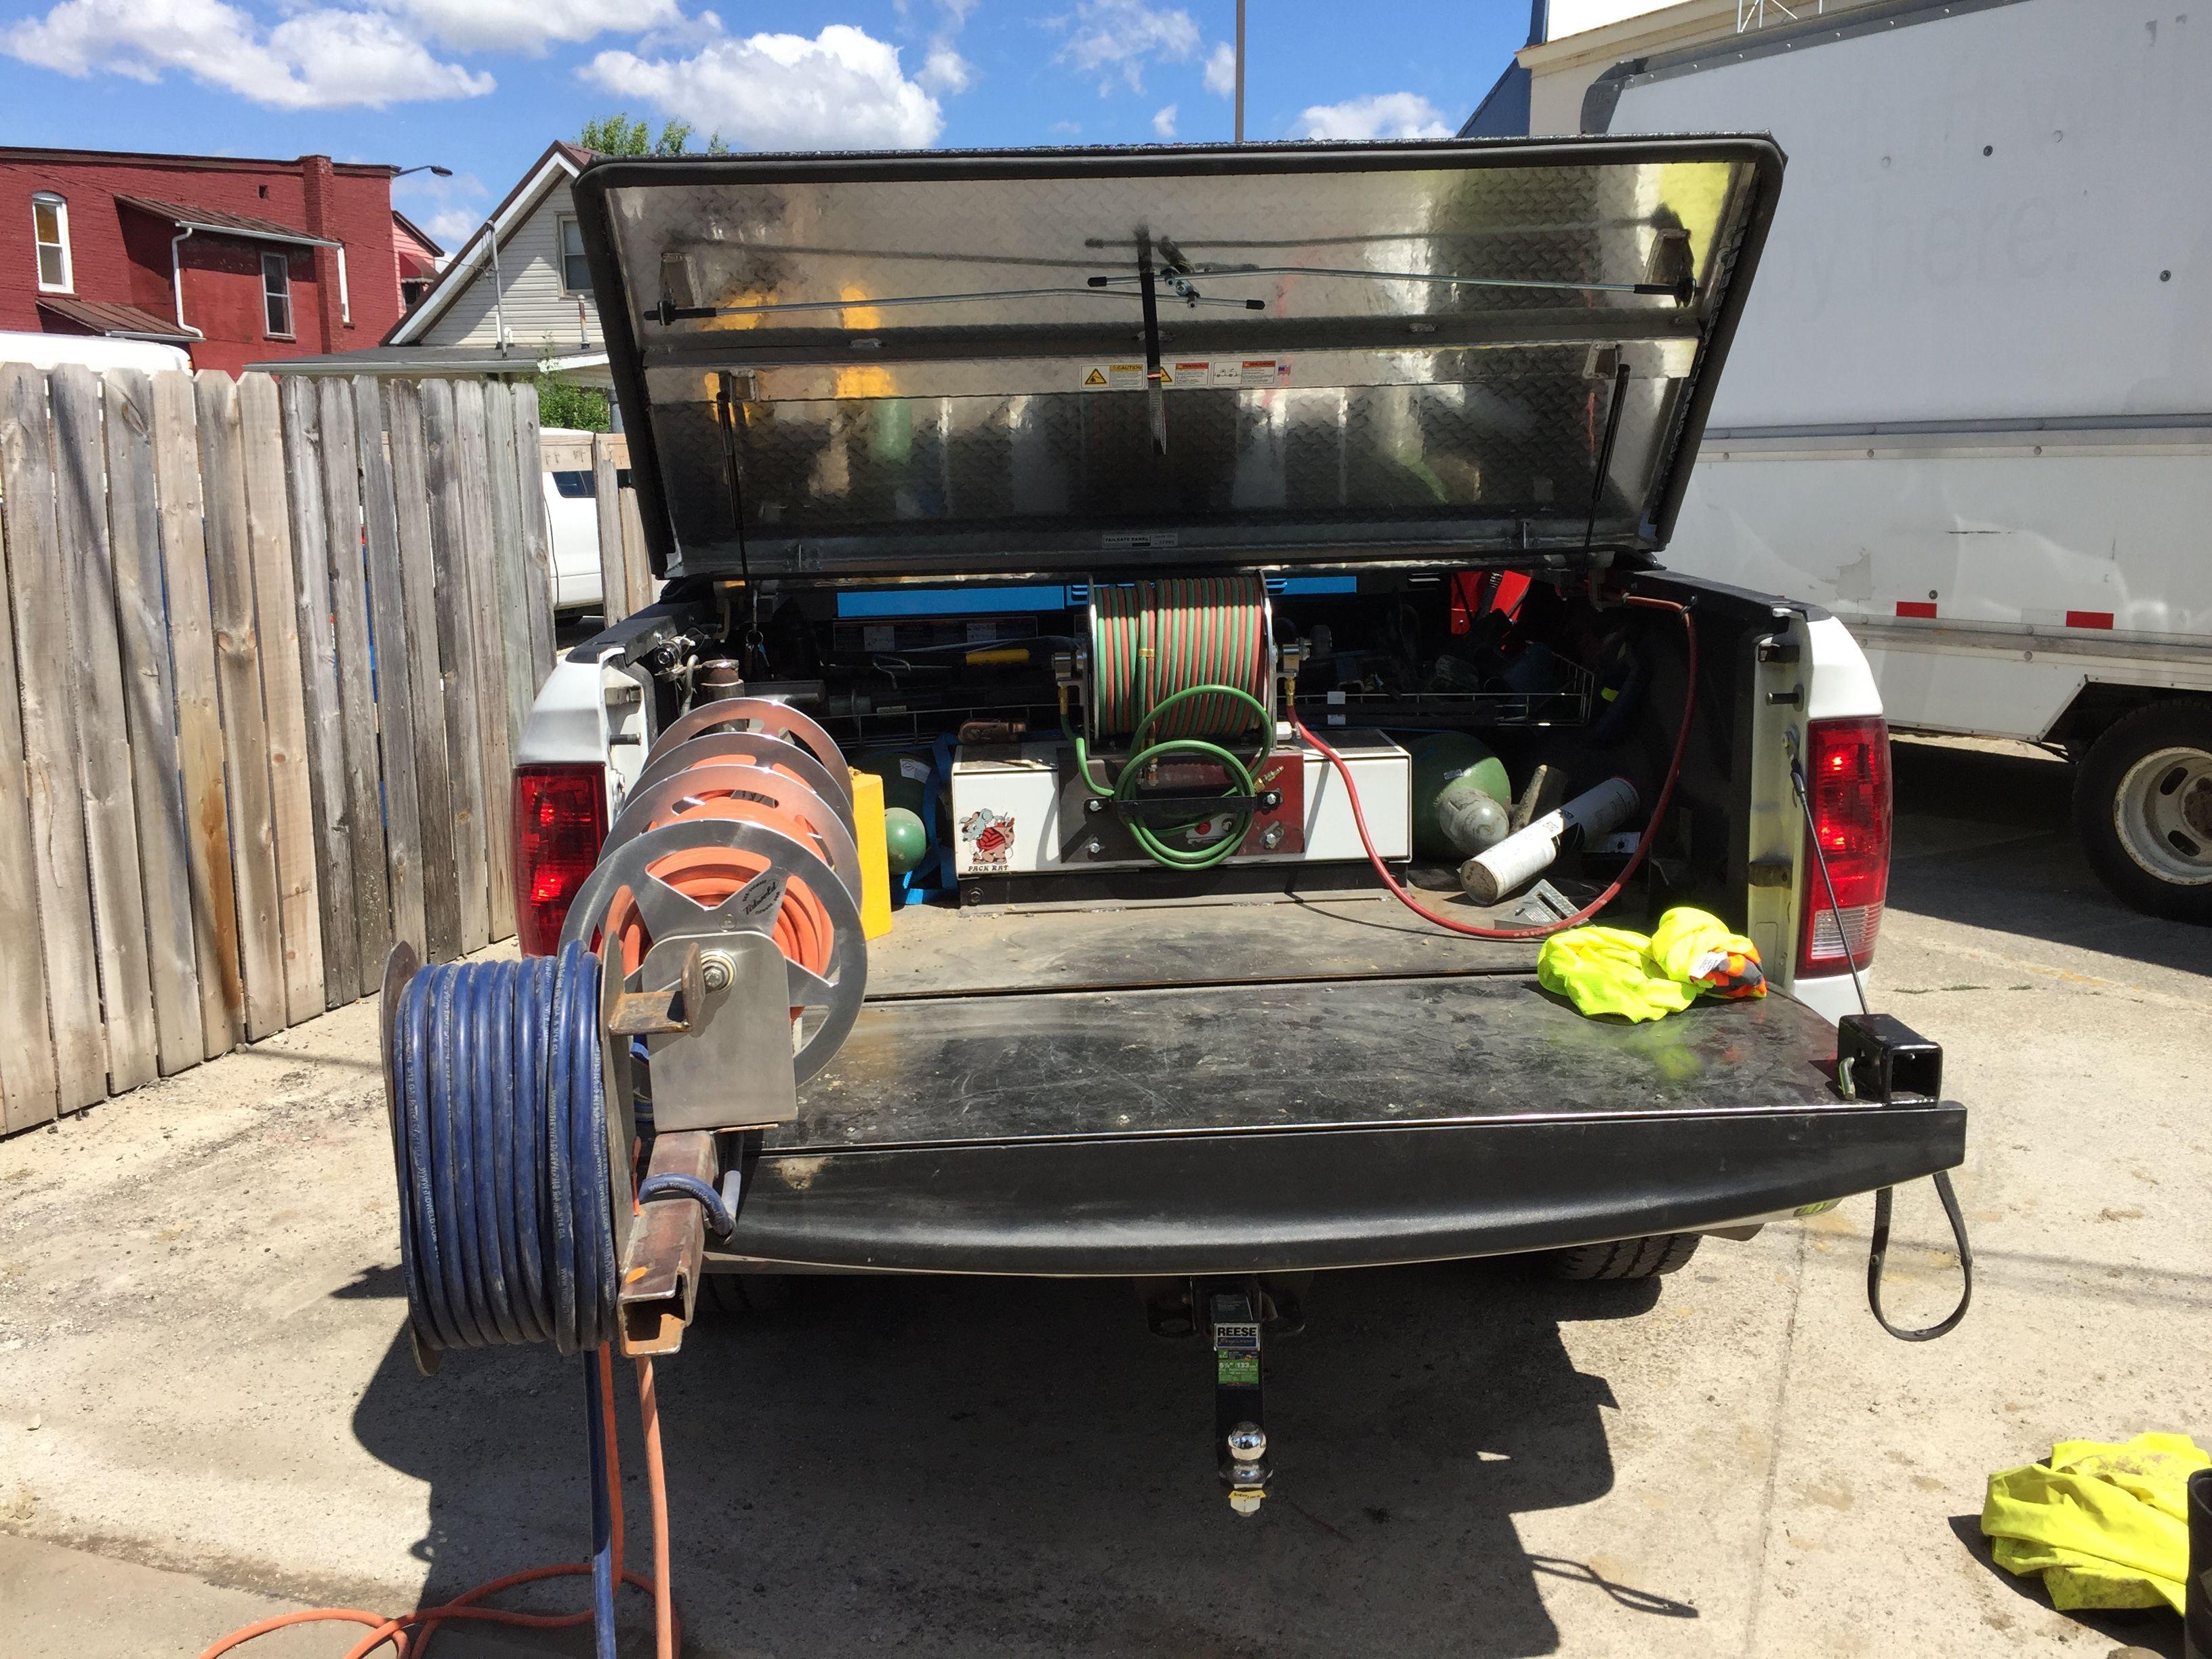 My rig Welding rigs, Welding beds, Welding rig